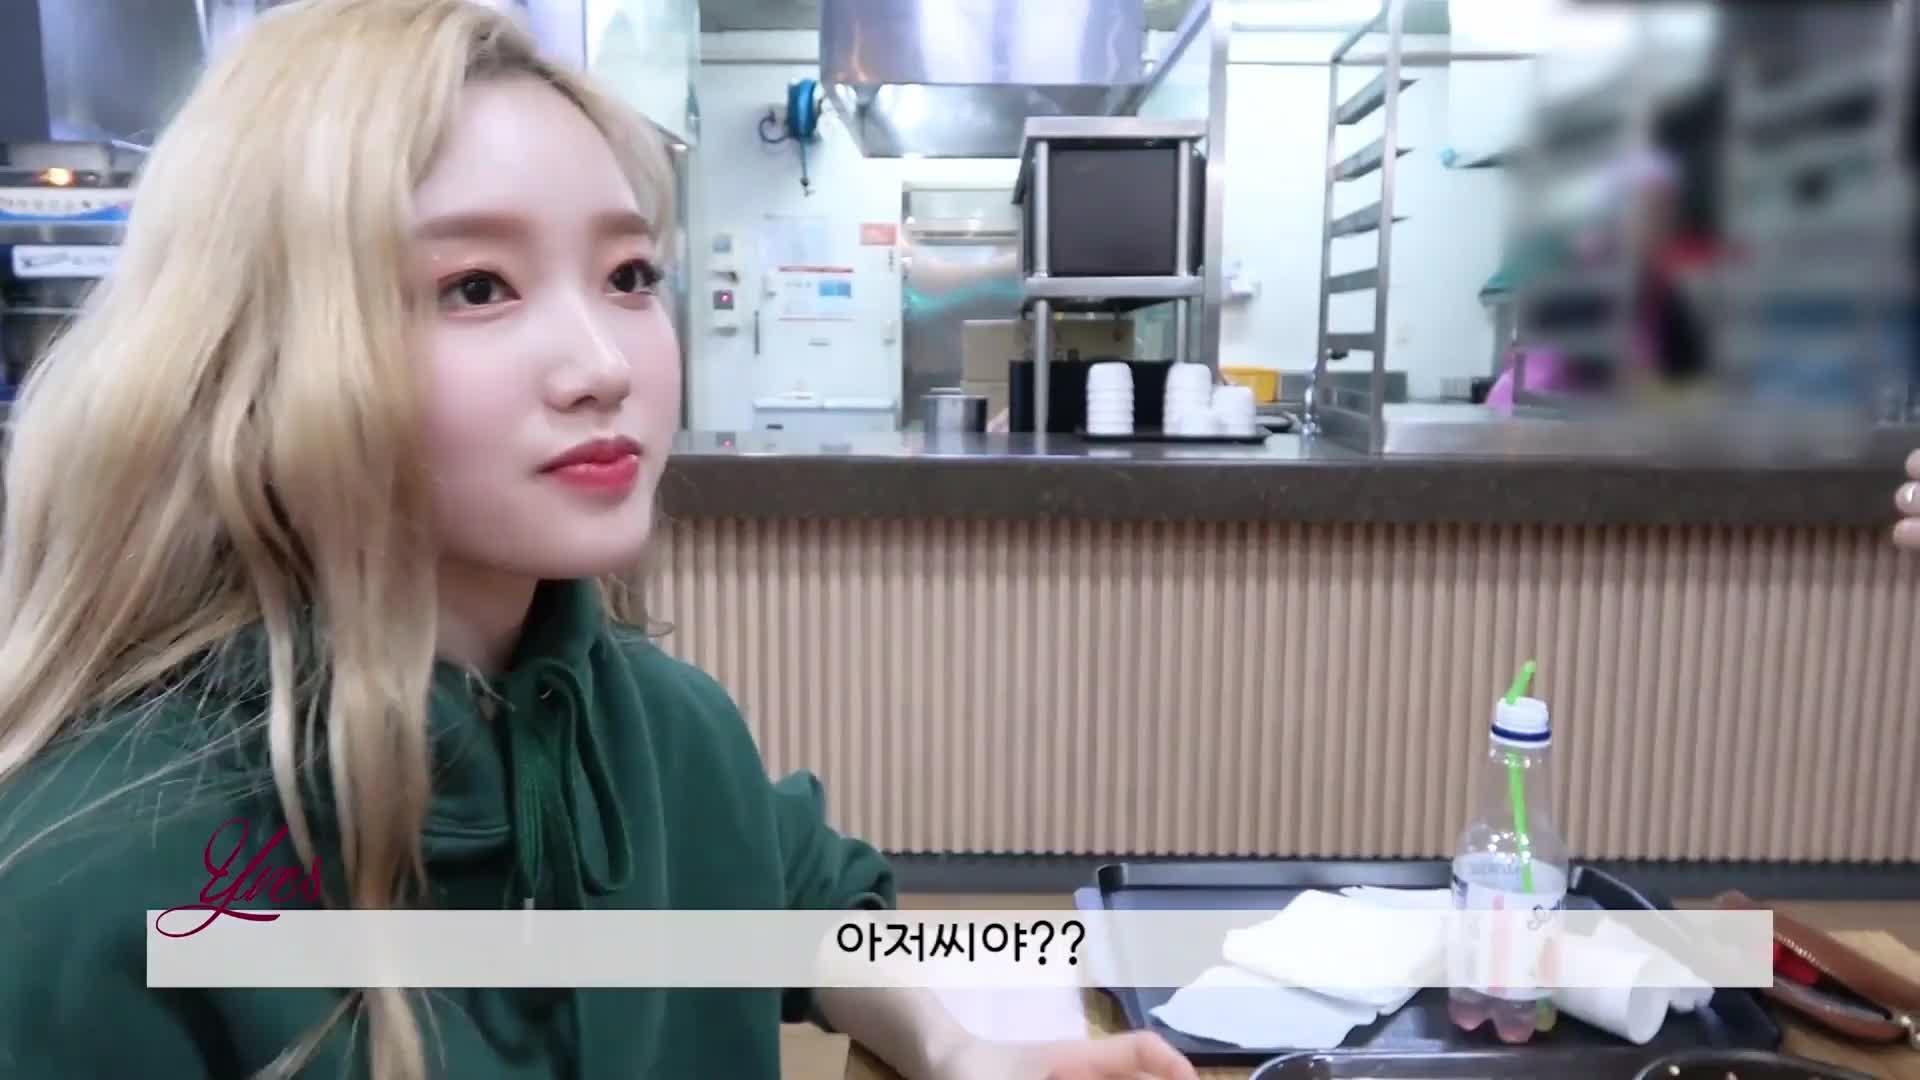 이달의소녀탐구 #524 (LOONA TV #524) 5 GIFs